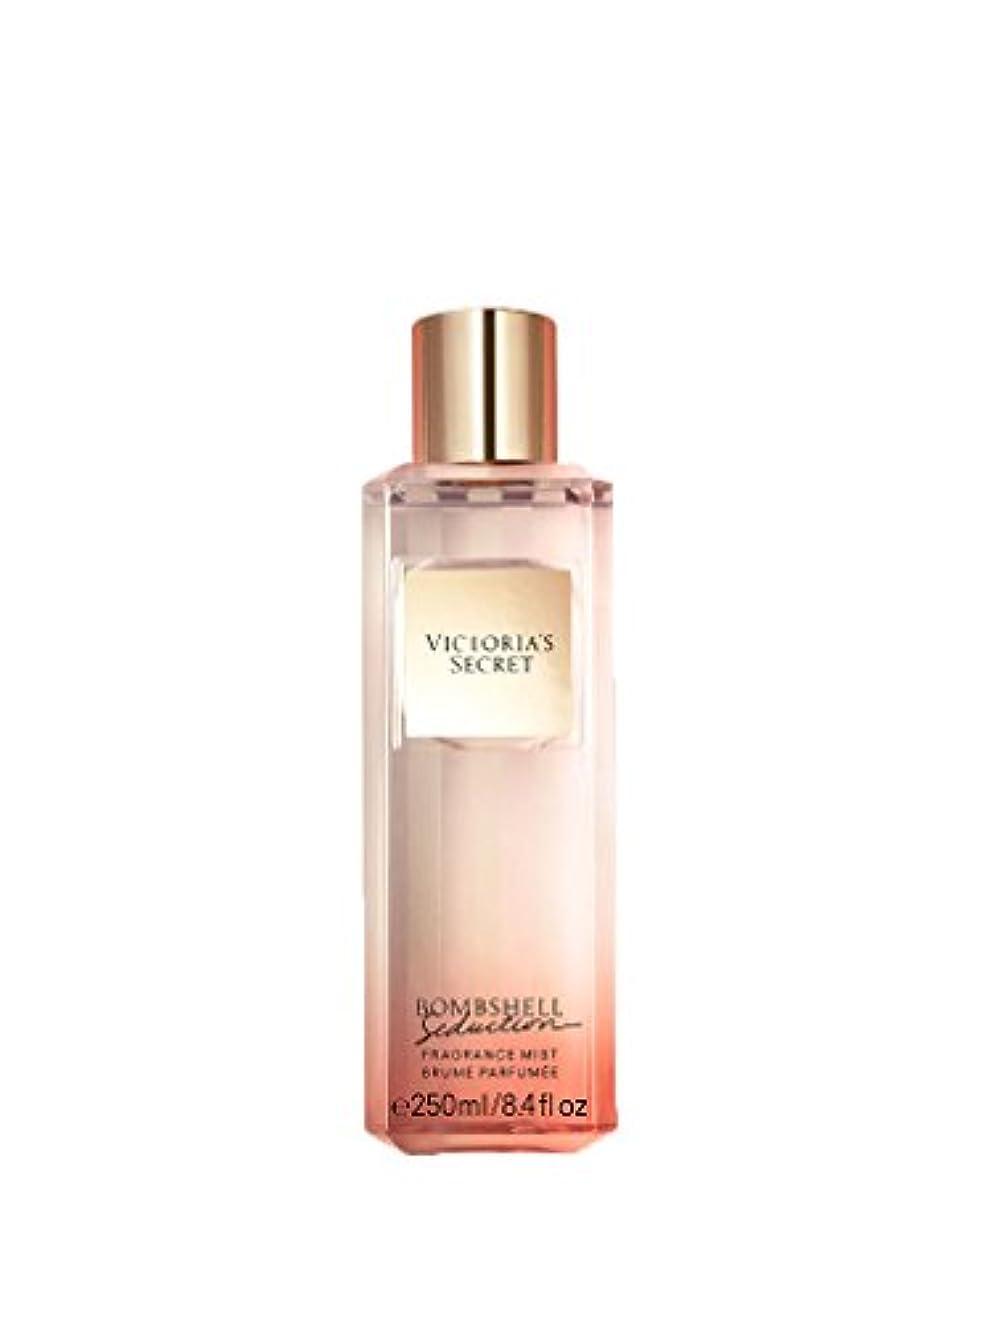 サーキットに行く断線分布【並行輸入品】Victoria's Secret Bombshell Seduction Fragrance Mist ヴィクトリアズシークレットボムシェルセダクションミスト250 ml